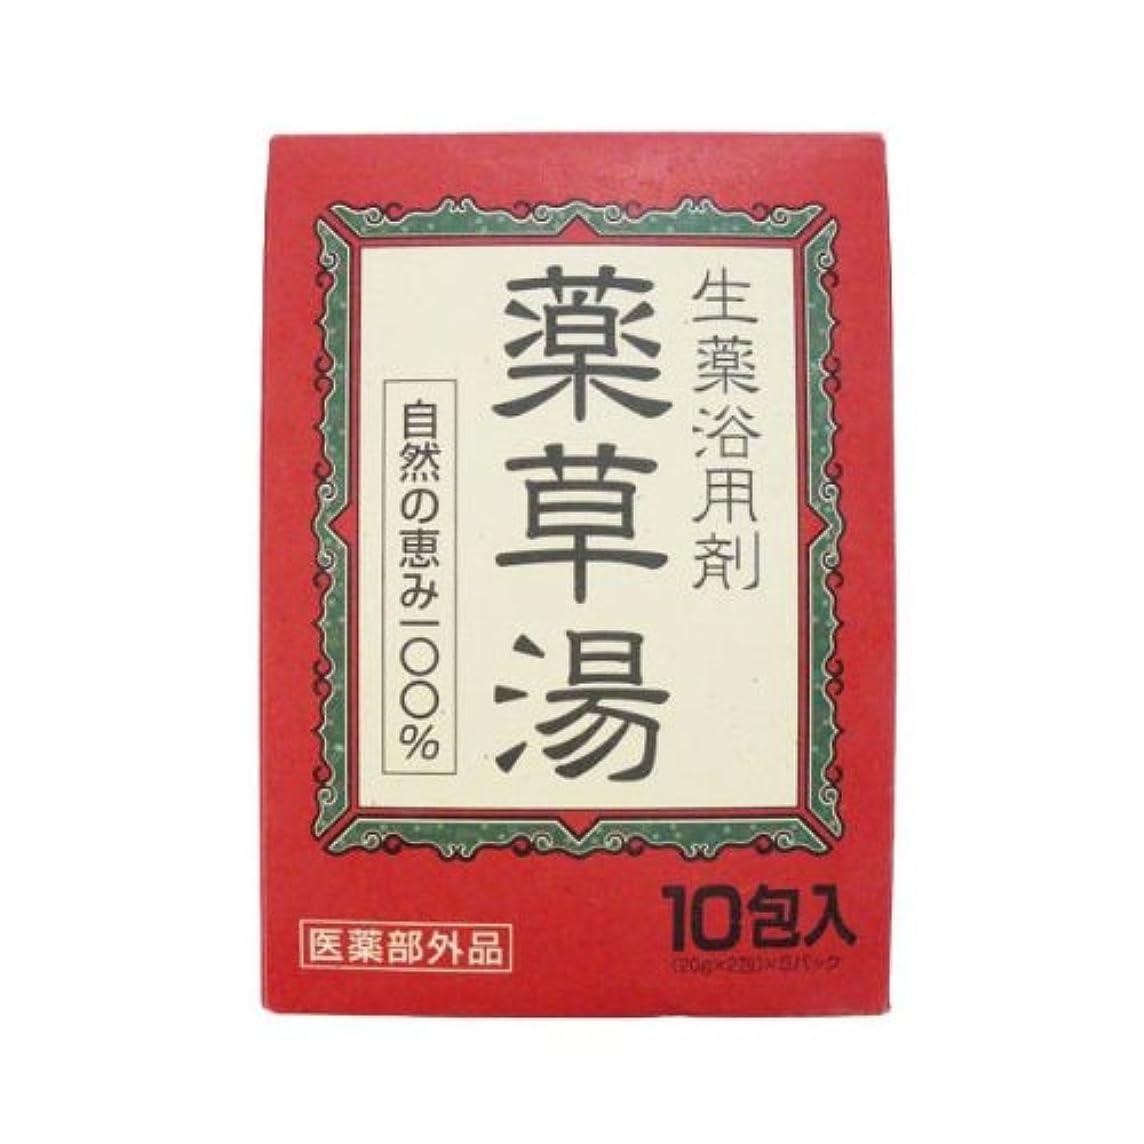 予想する間接的財政VVN生薬入浴剤薬草湯10包×(20セット)